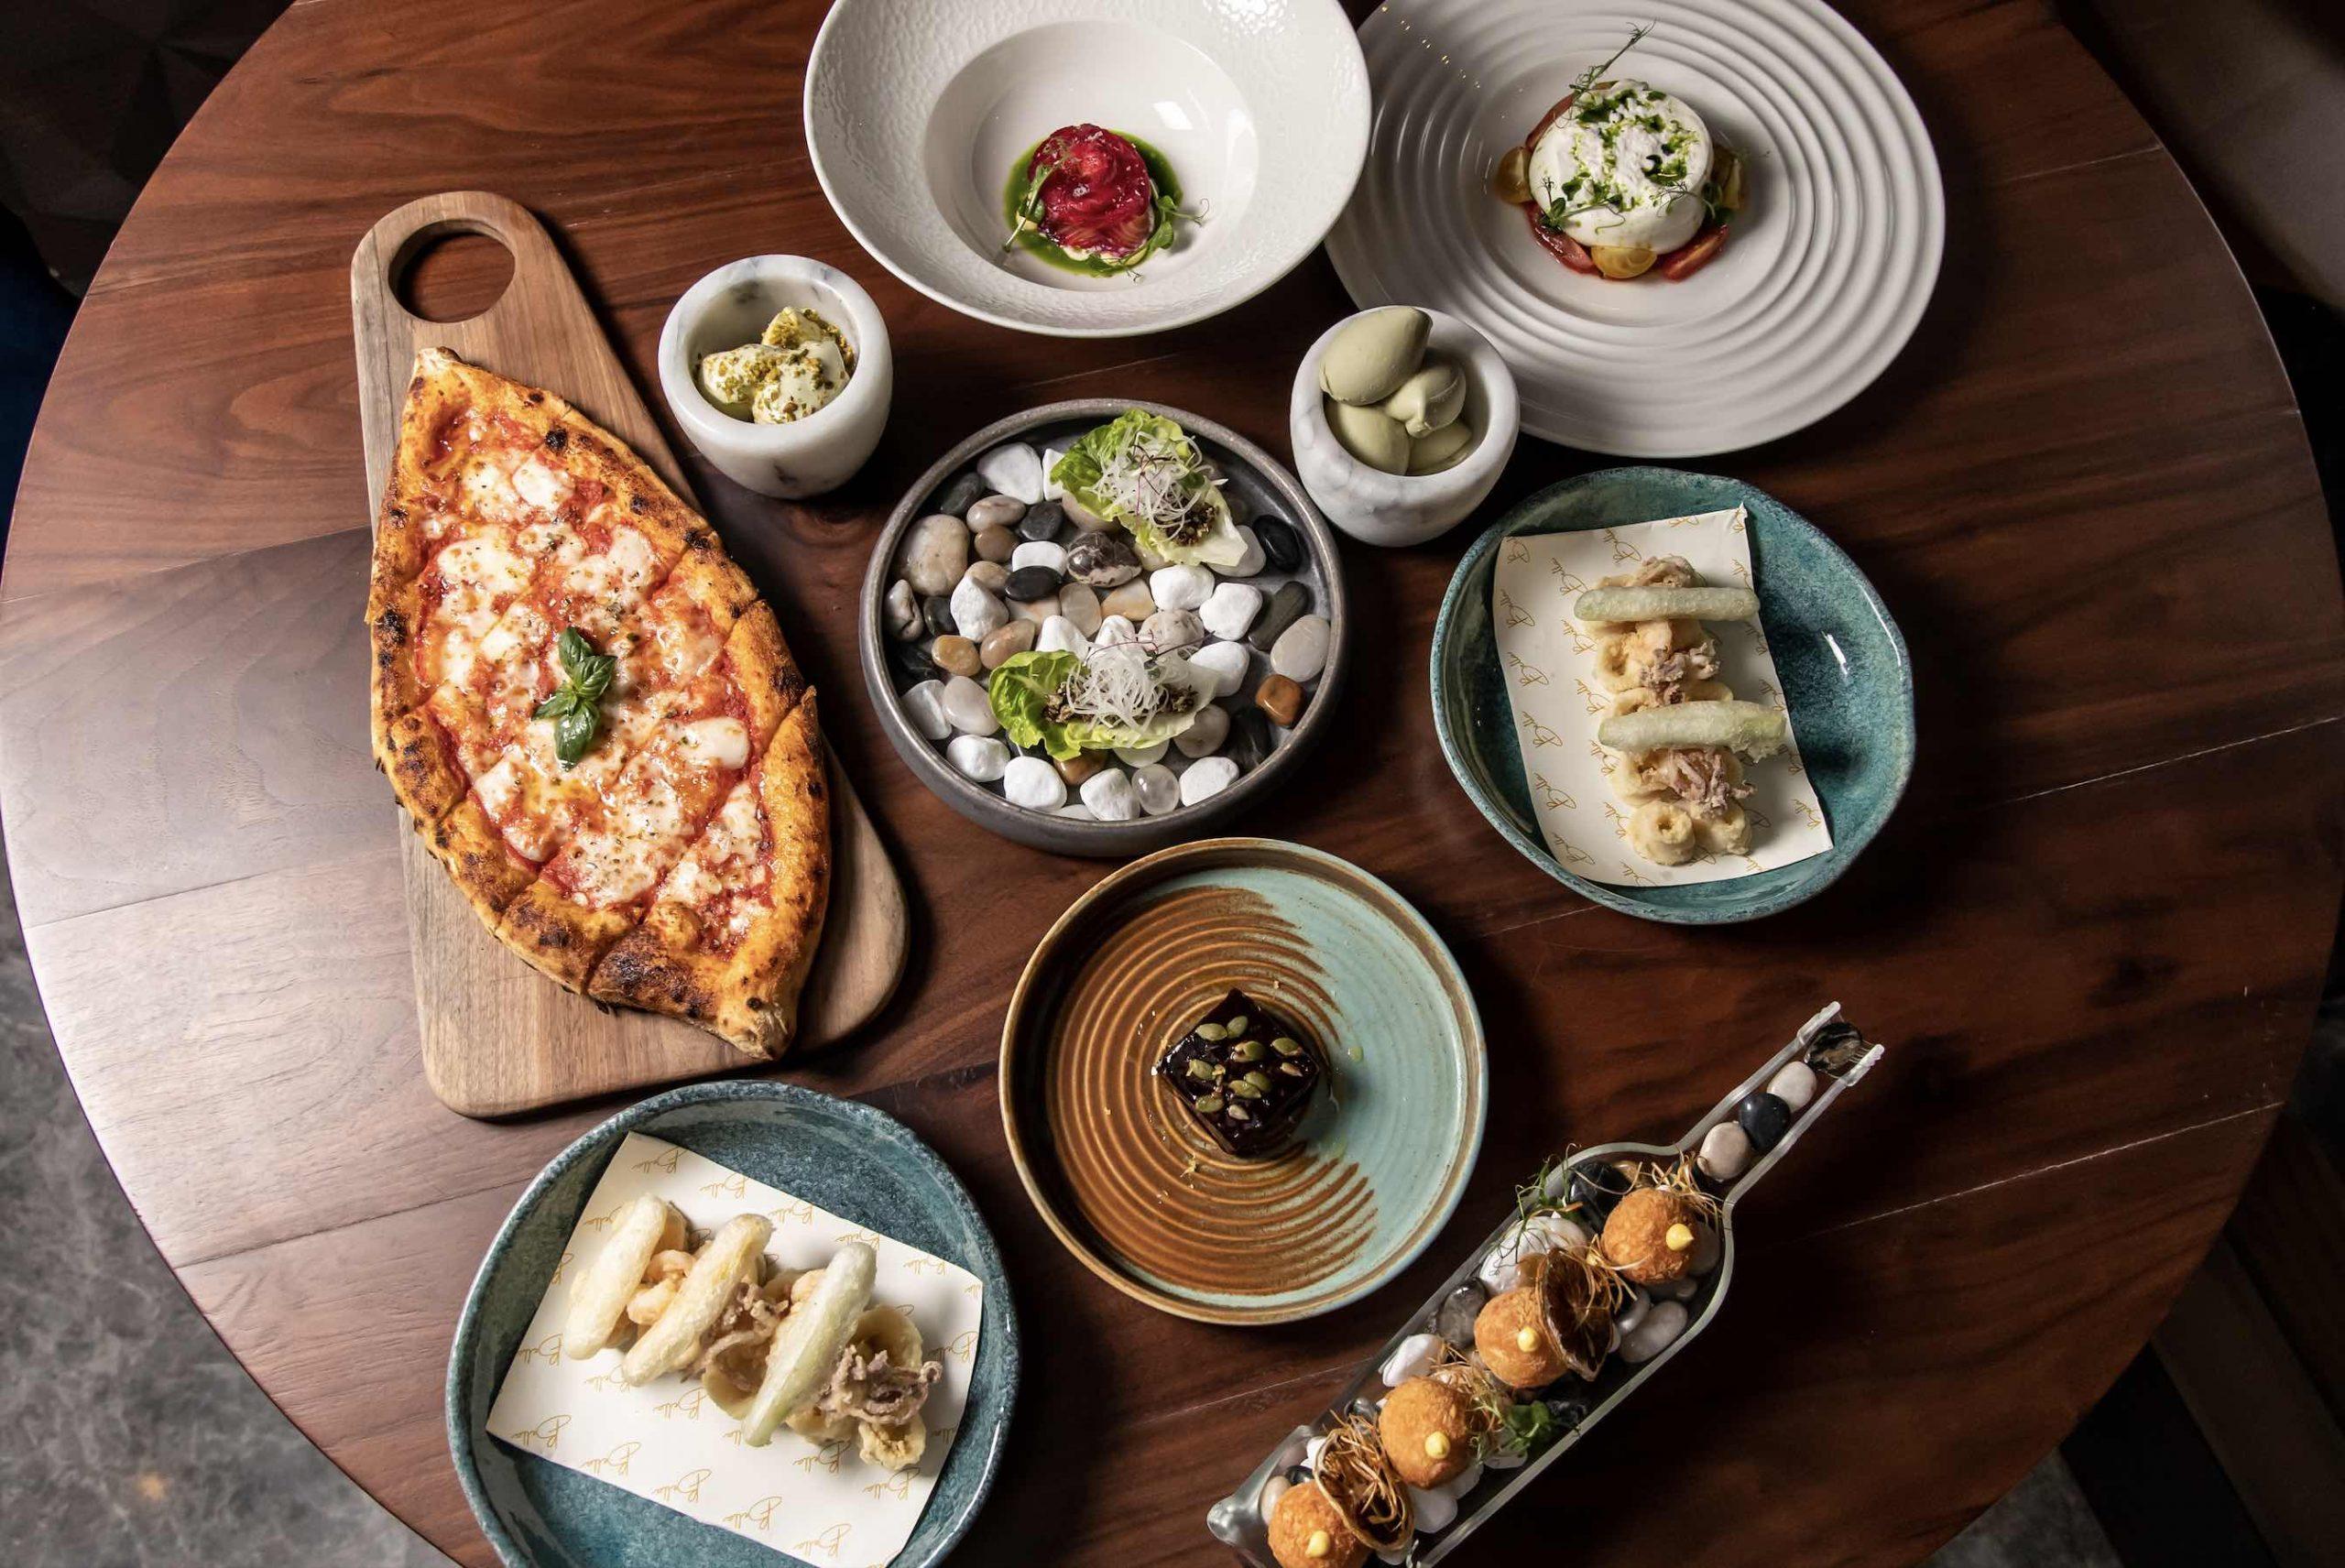 Dubai dining this week